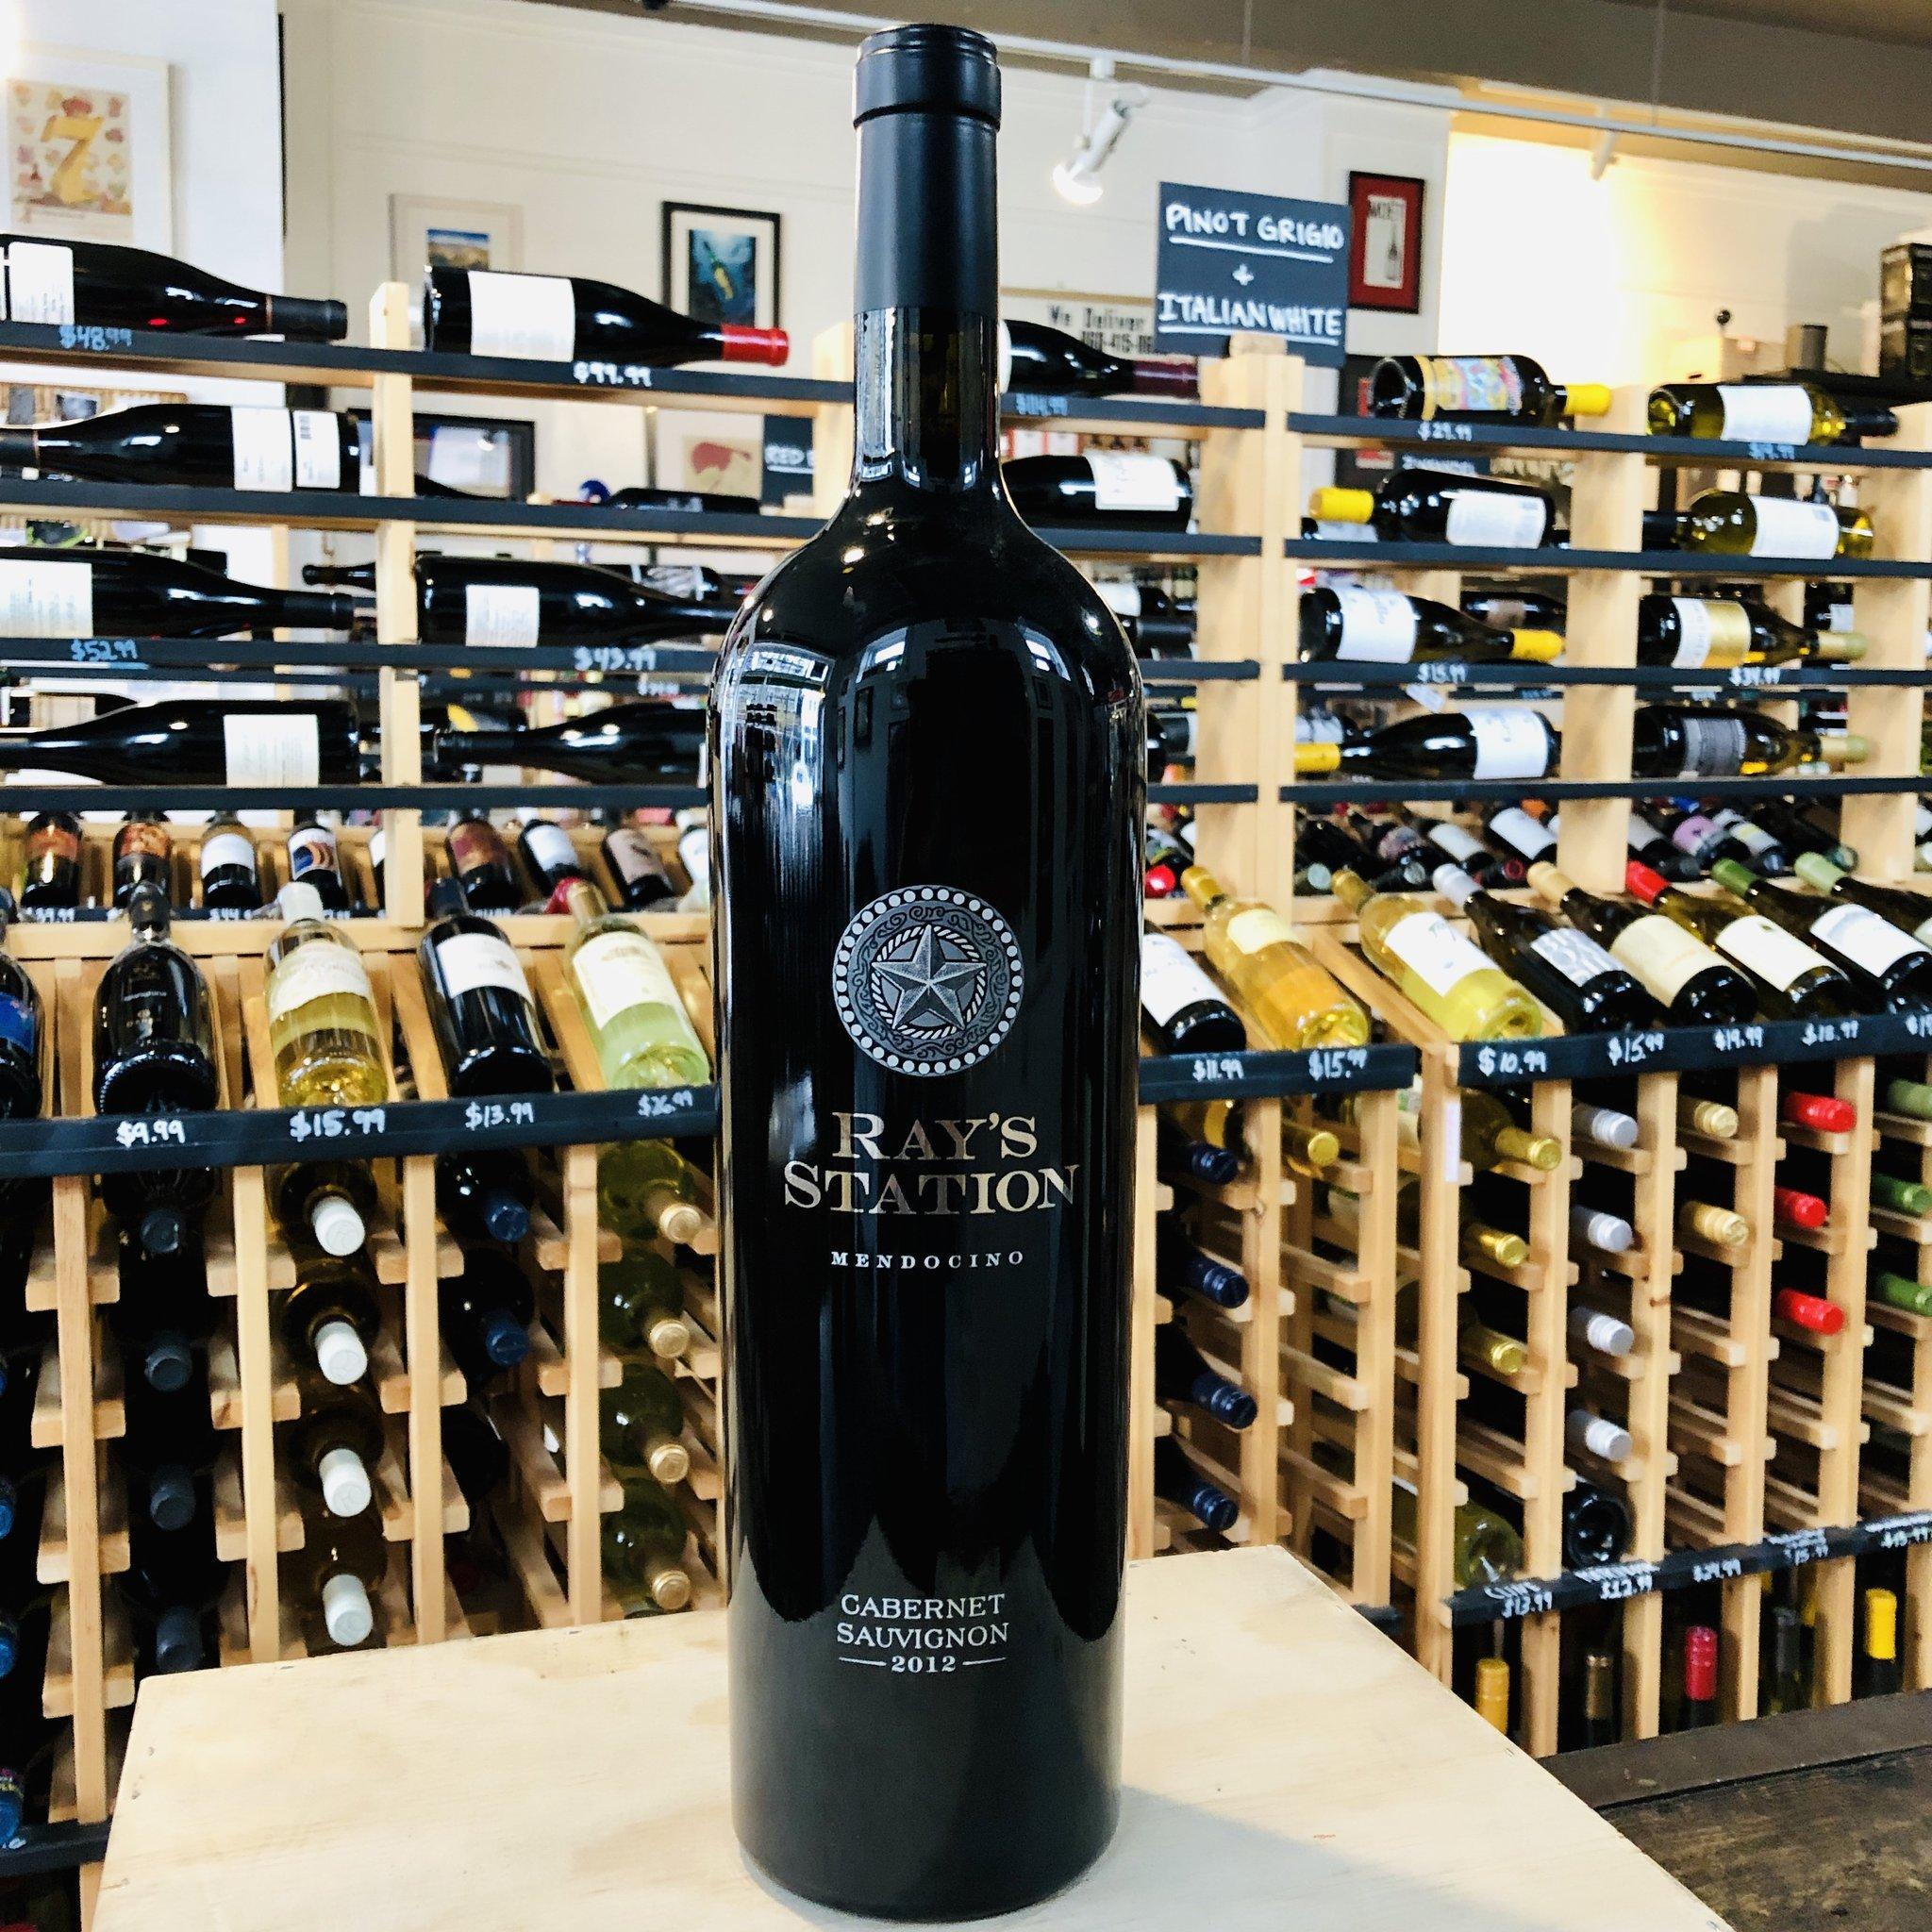 Rượu vang RAYS' STATION Cabernet Sauvignon vang đỏ mỹ